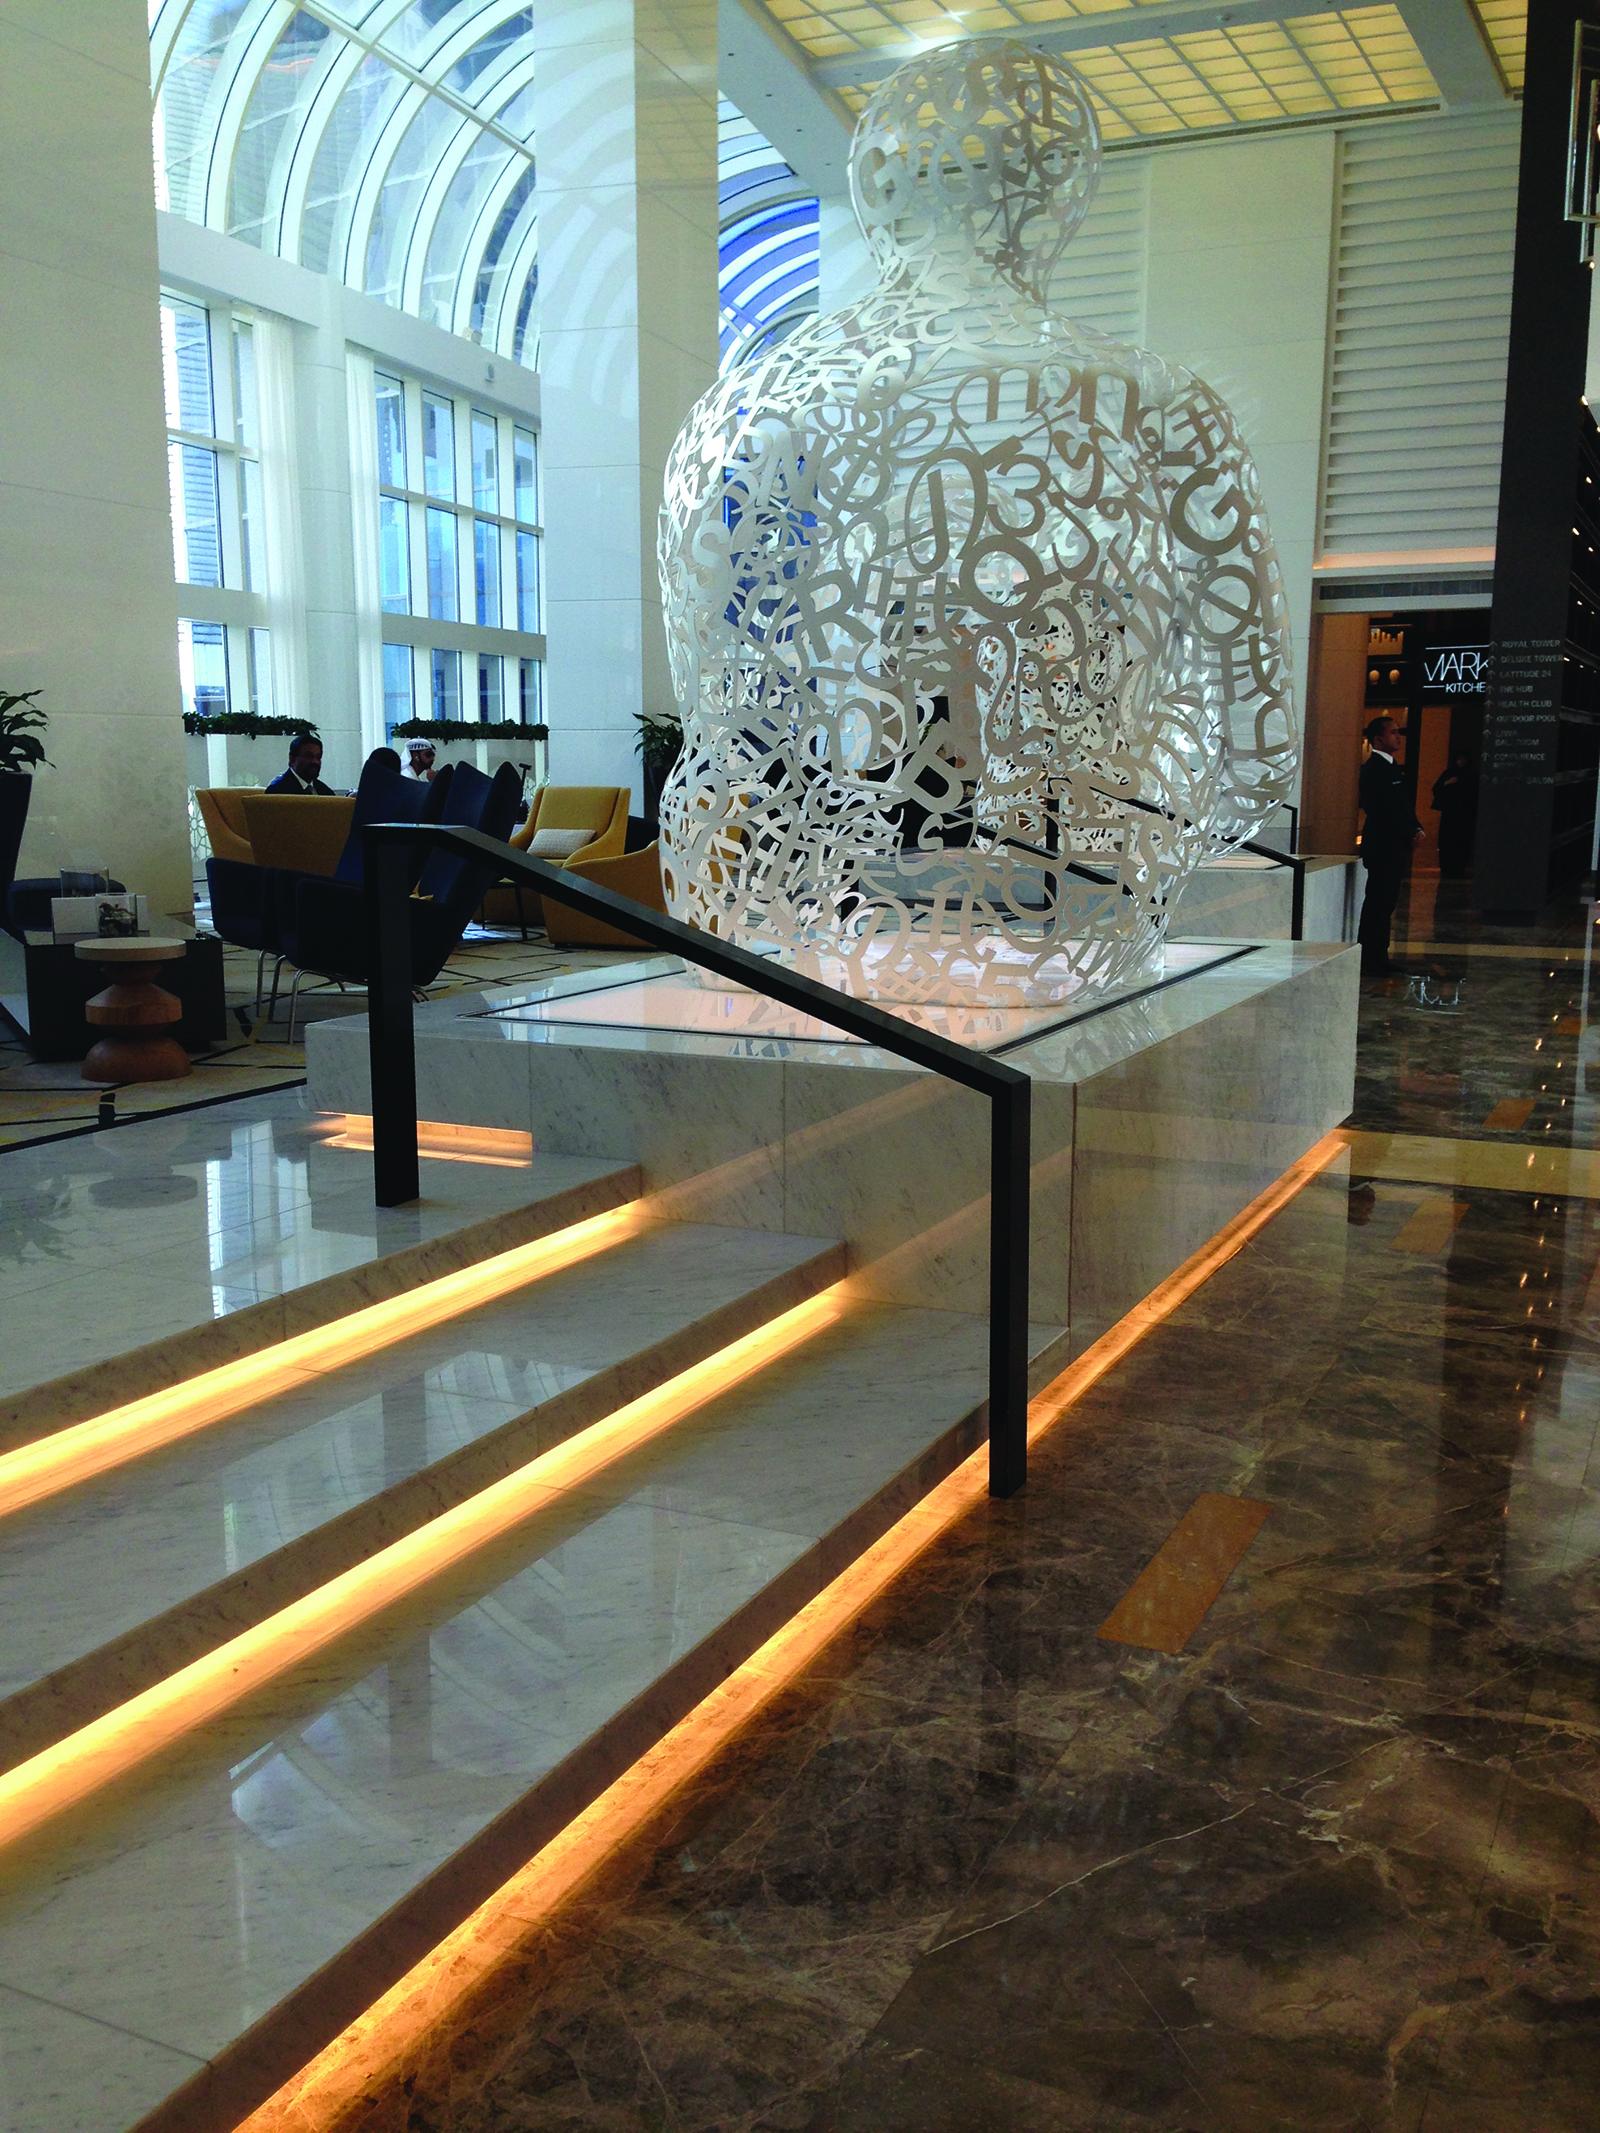 LE MERIDIEN ABU DHABI (RENOVATION) – ABU DHABI, UAE